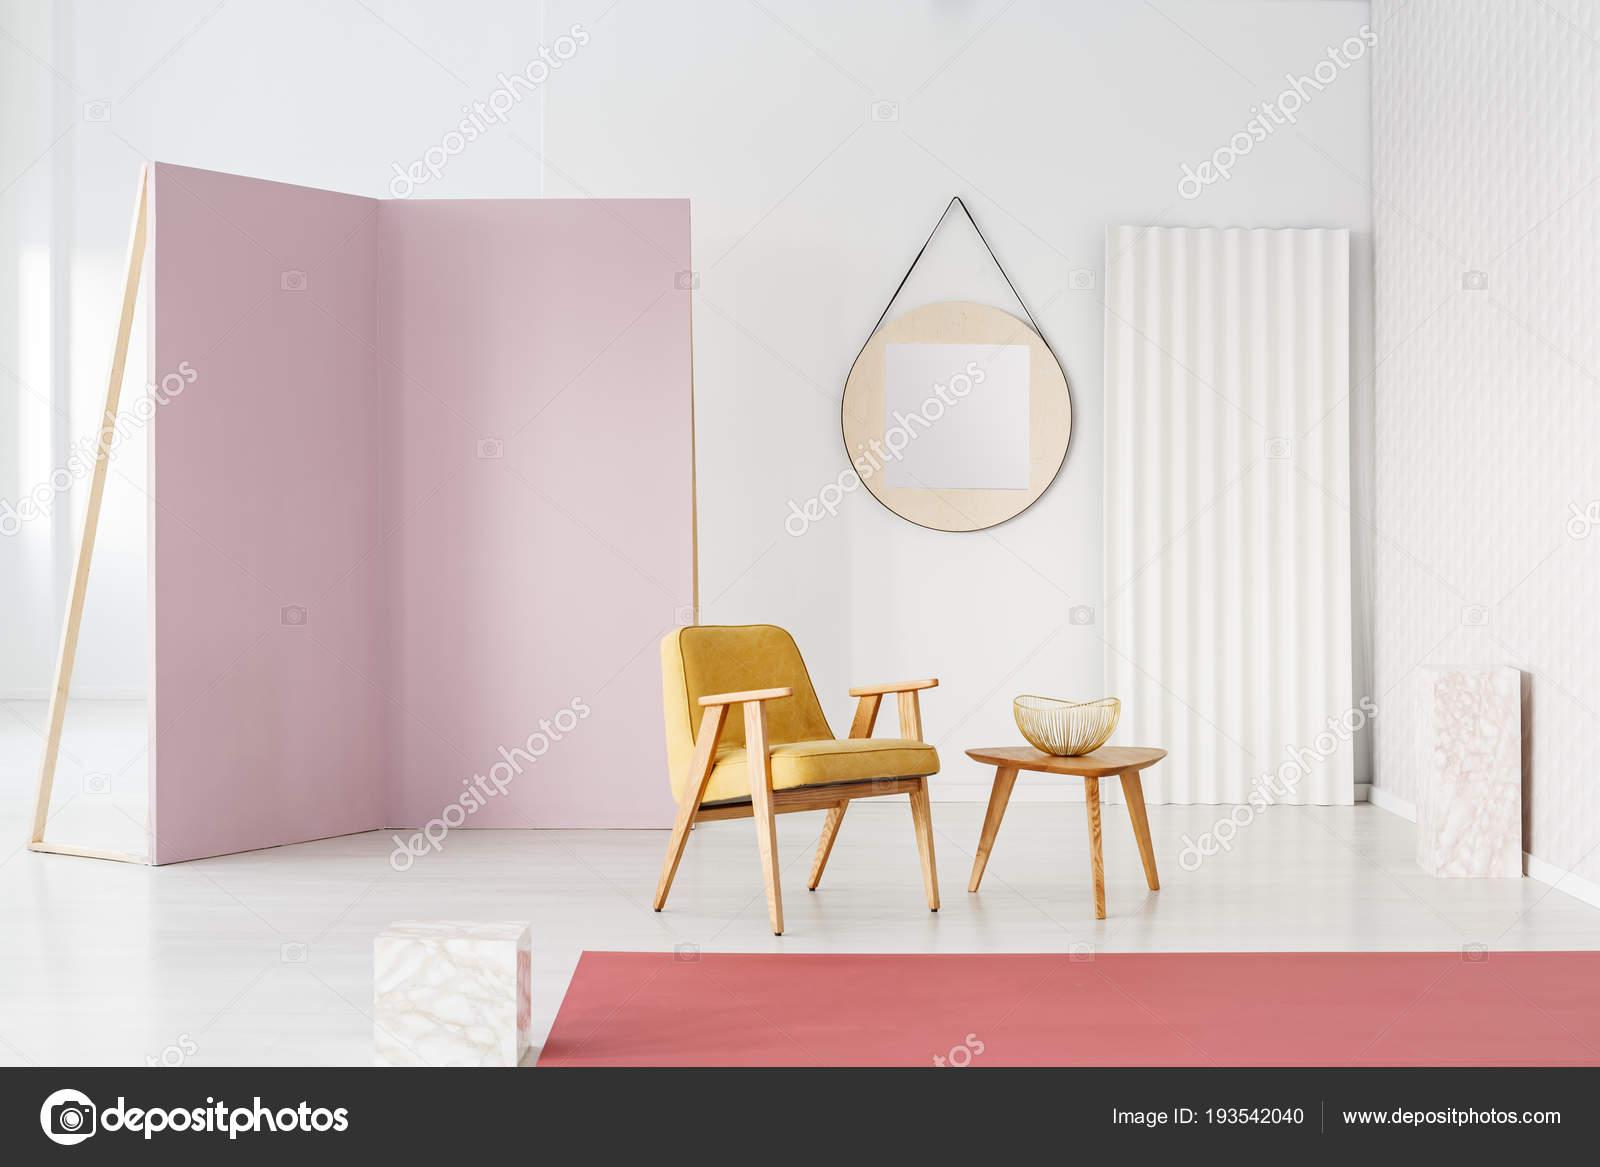 Pastel Photo Studio Interieur Avec Fauteuil Jaune Mobilier Purple